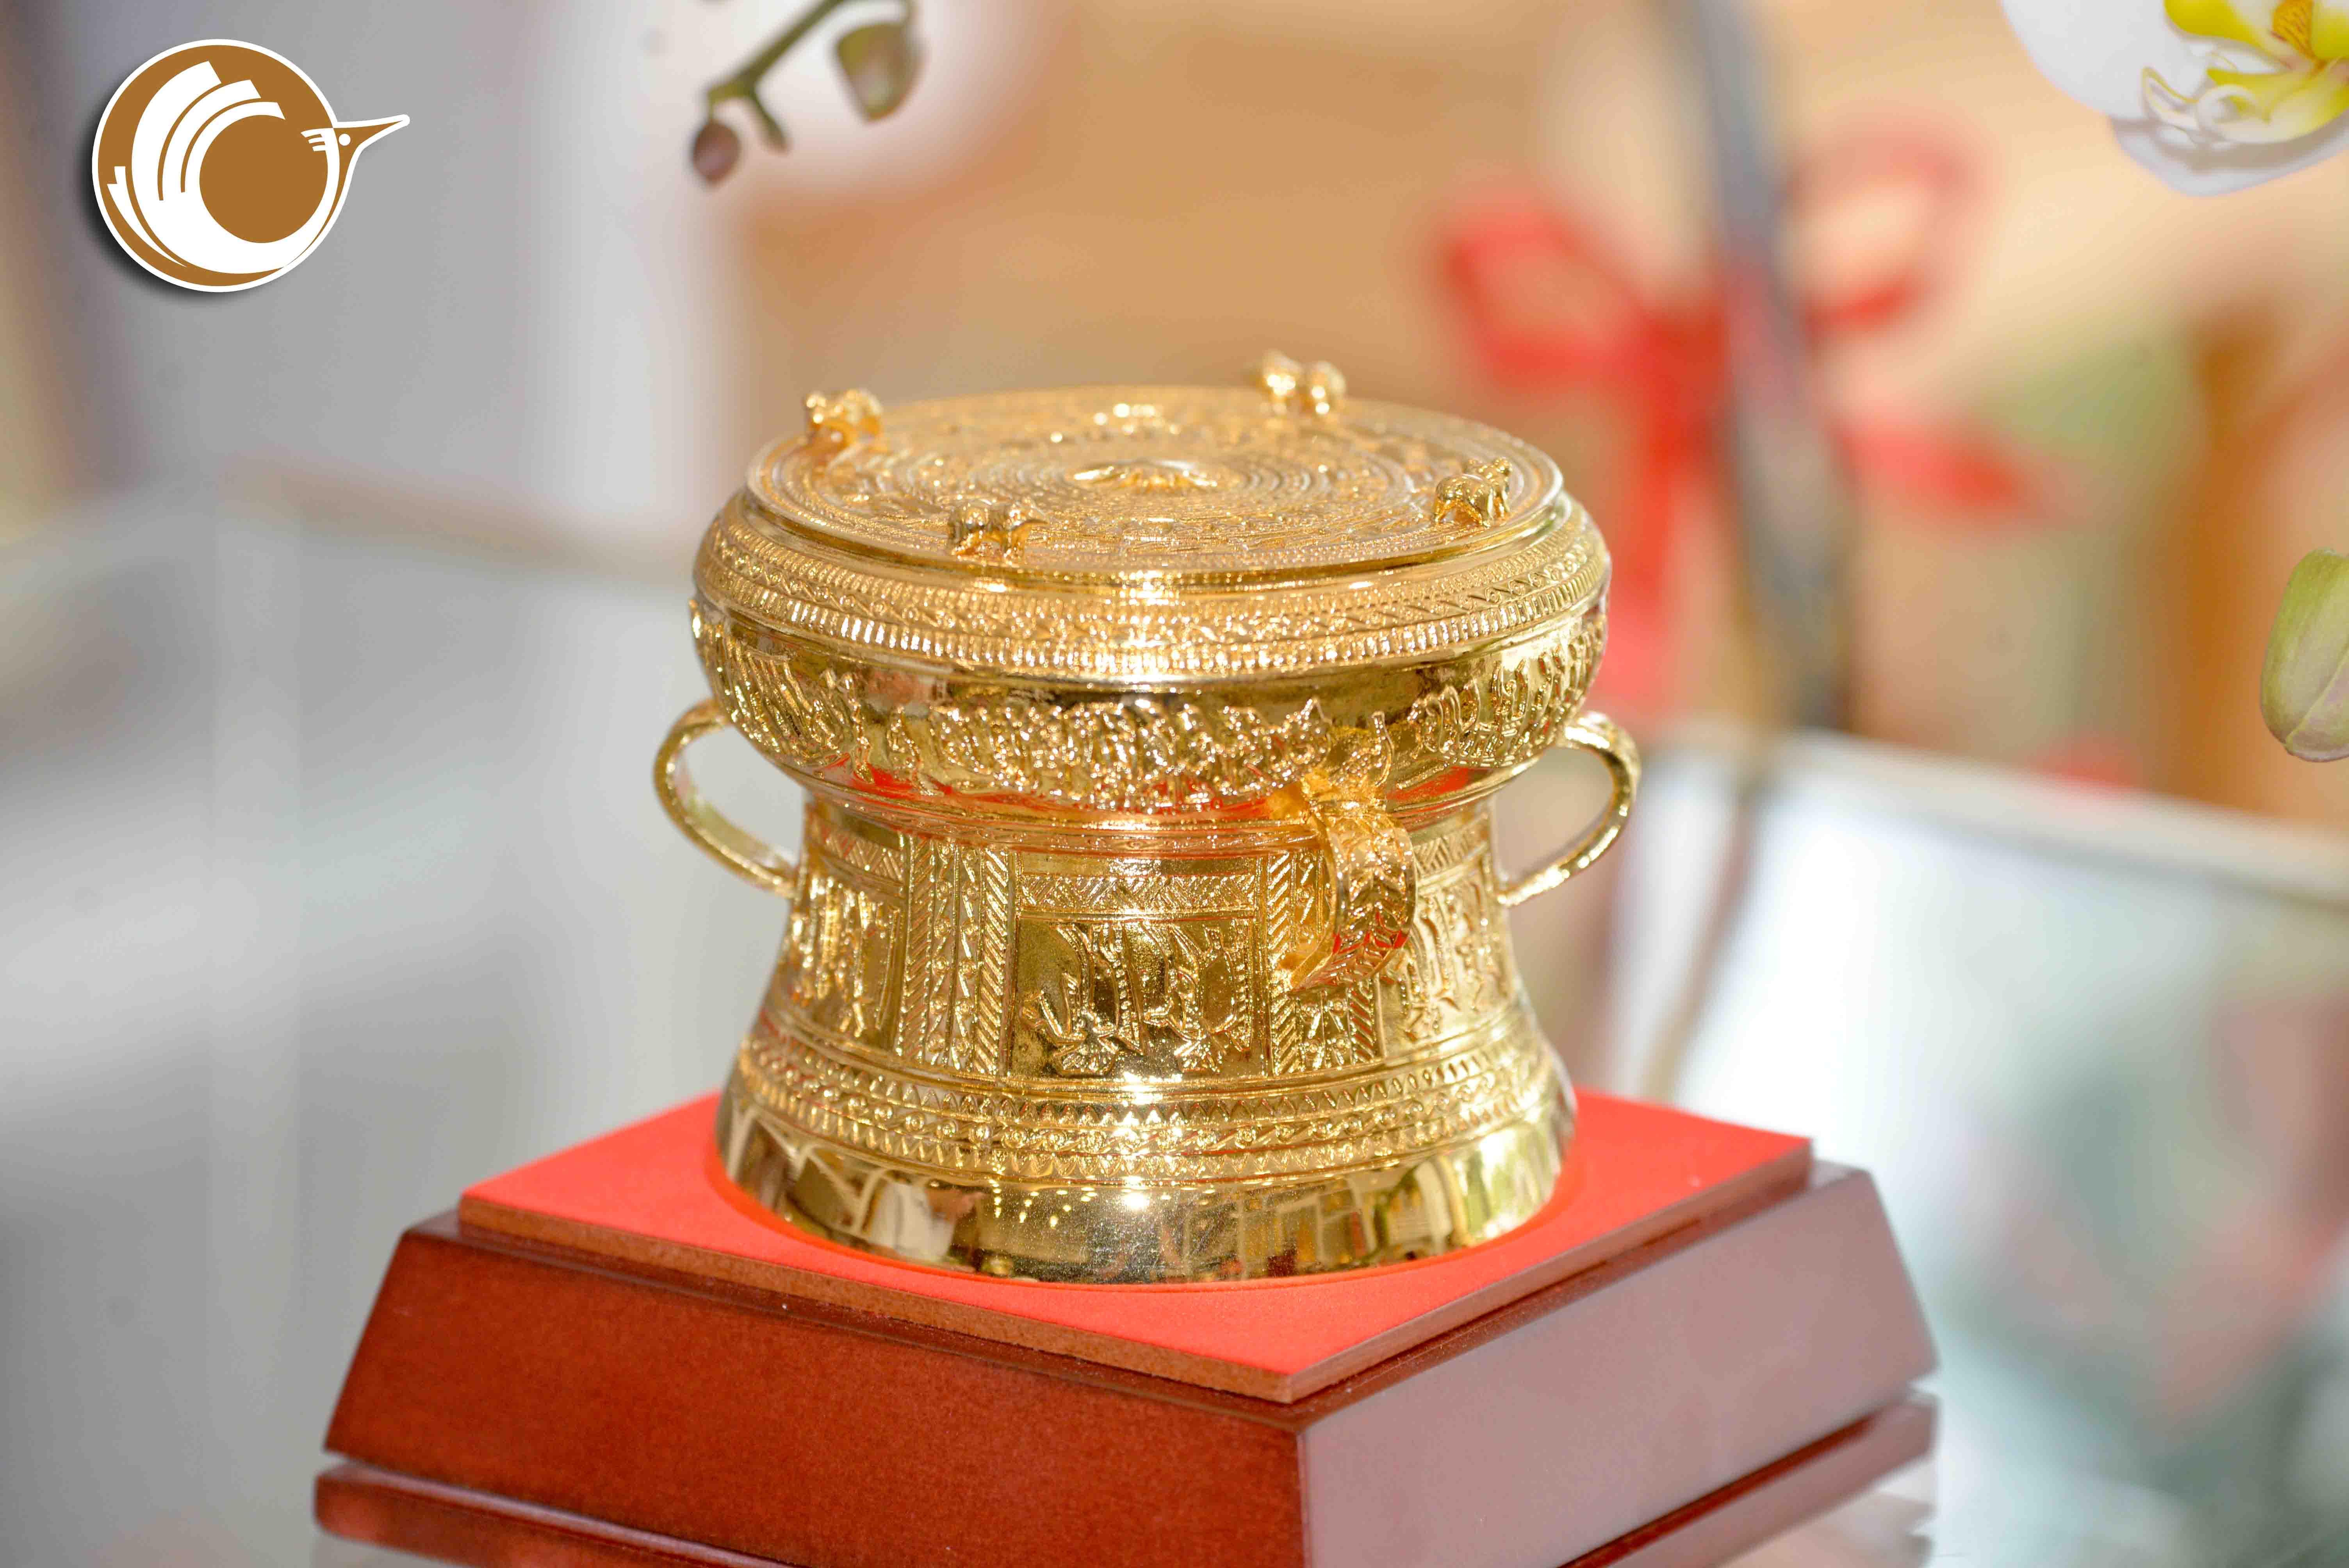 Trống đồng lưu niệm- biểu trưng cho nền văn hóa đậm đà bản sắc dân tộc